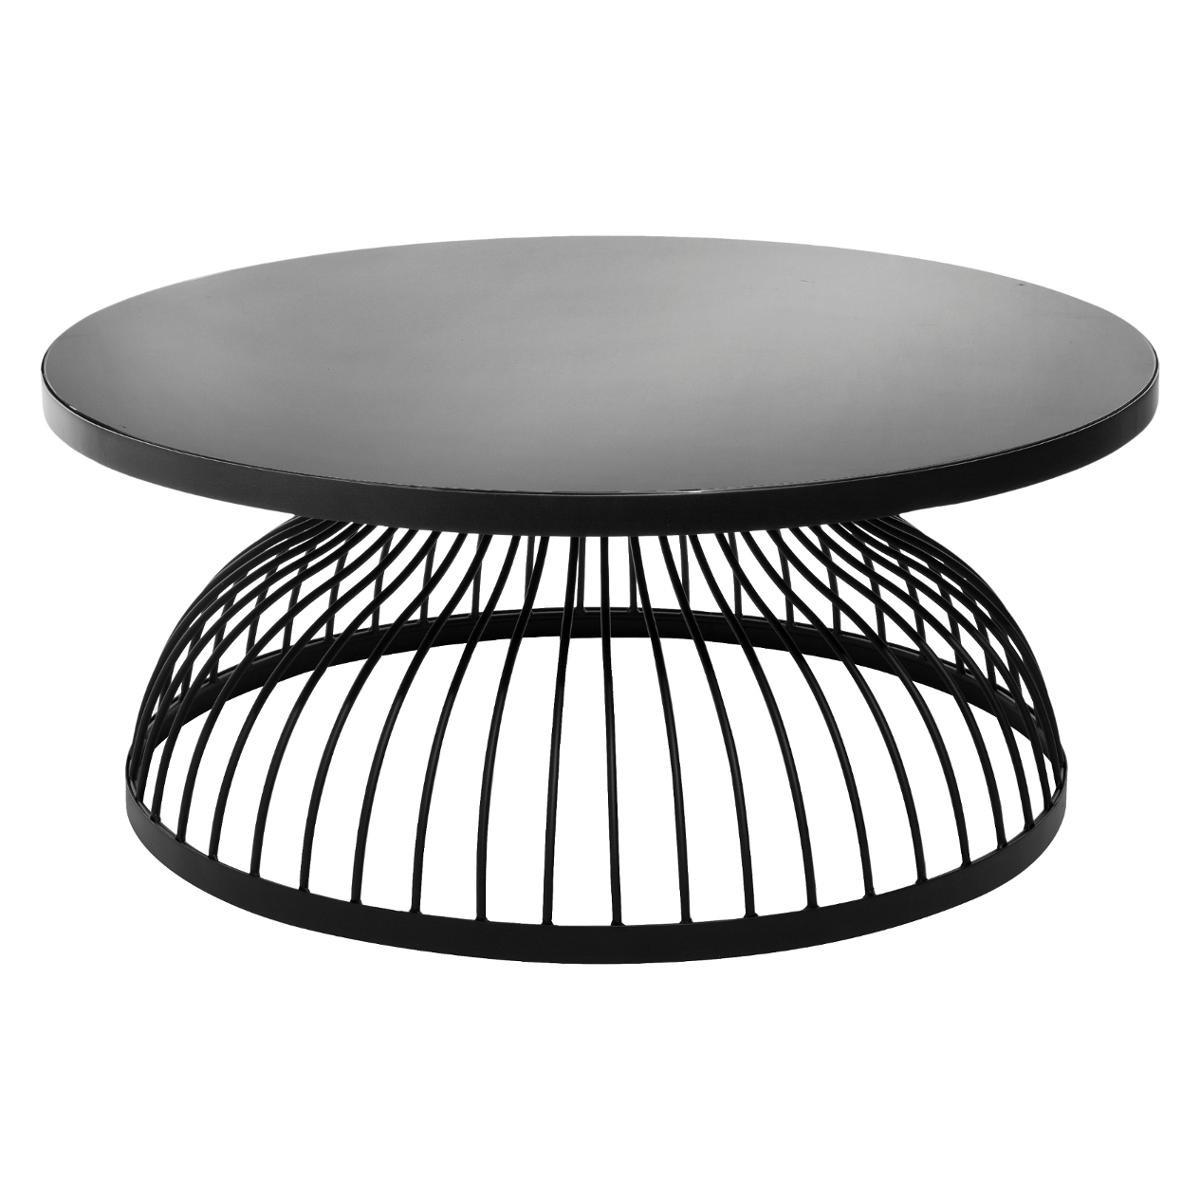 TABLE BASSE EN VERRE KUSHI